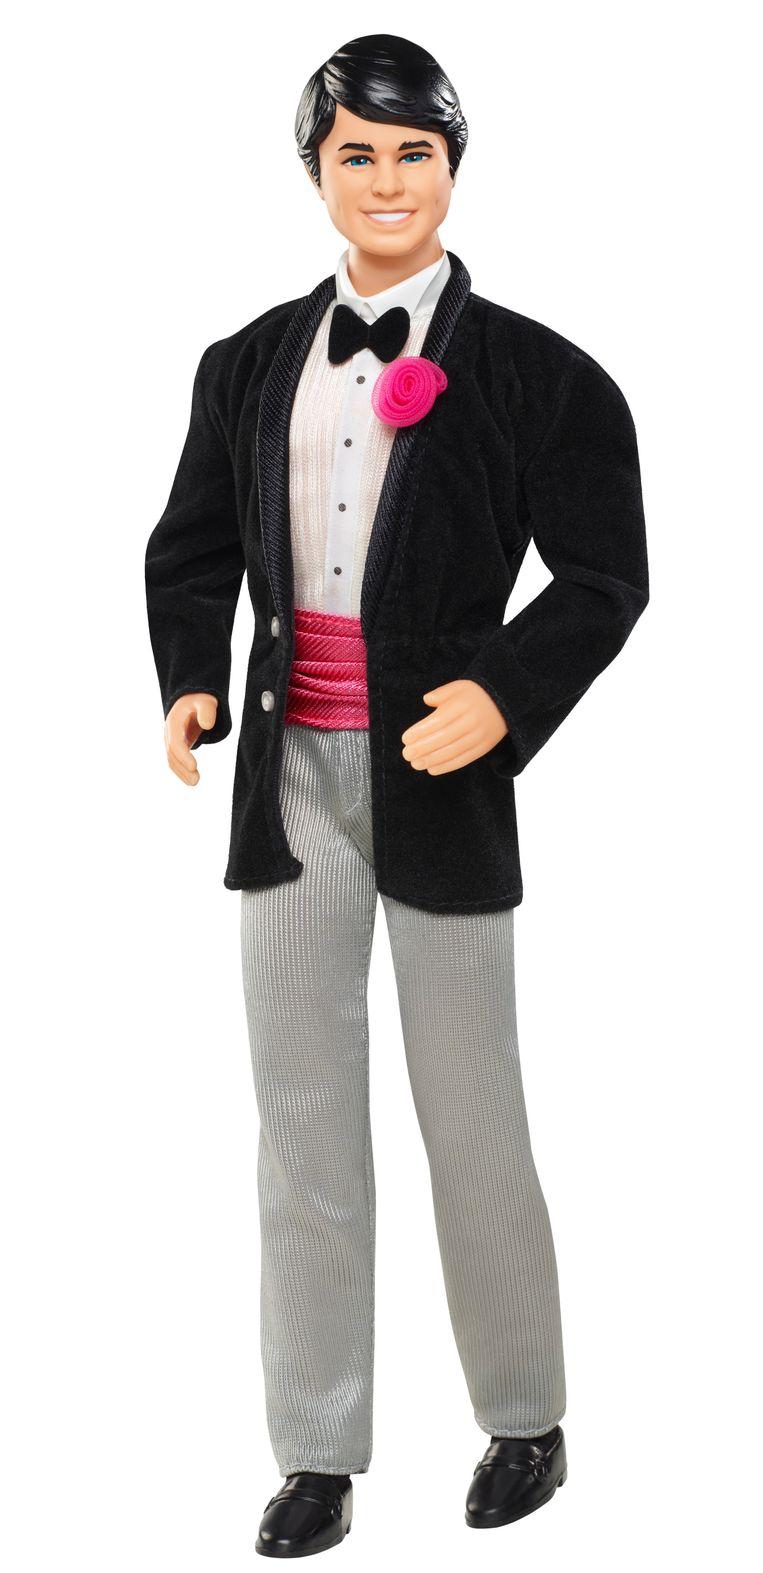 Ken 1984 . Beeld Mattel